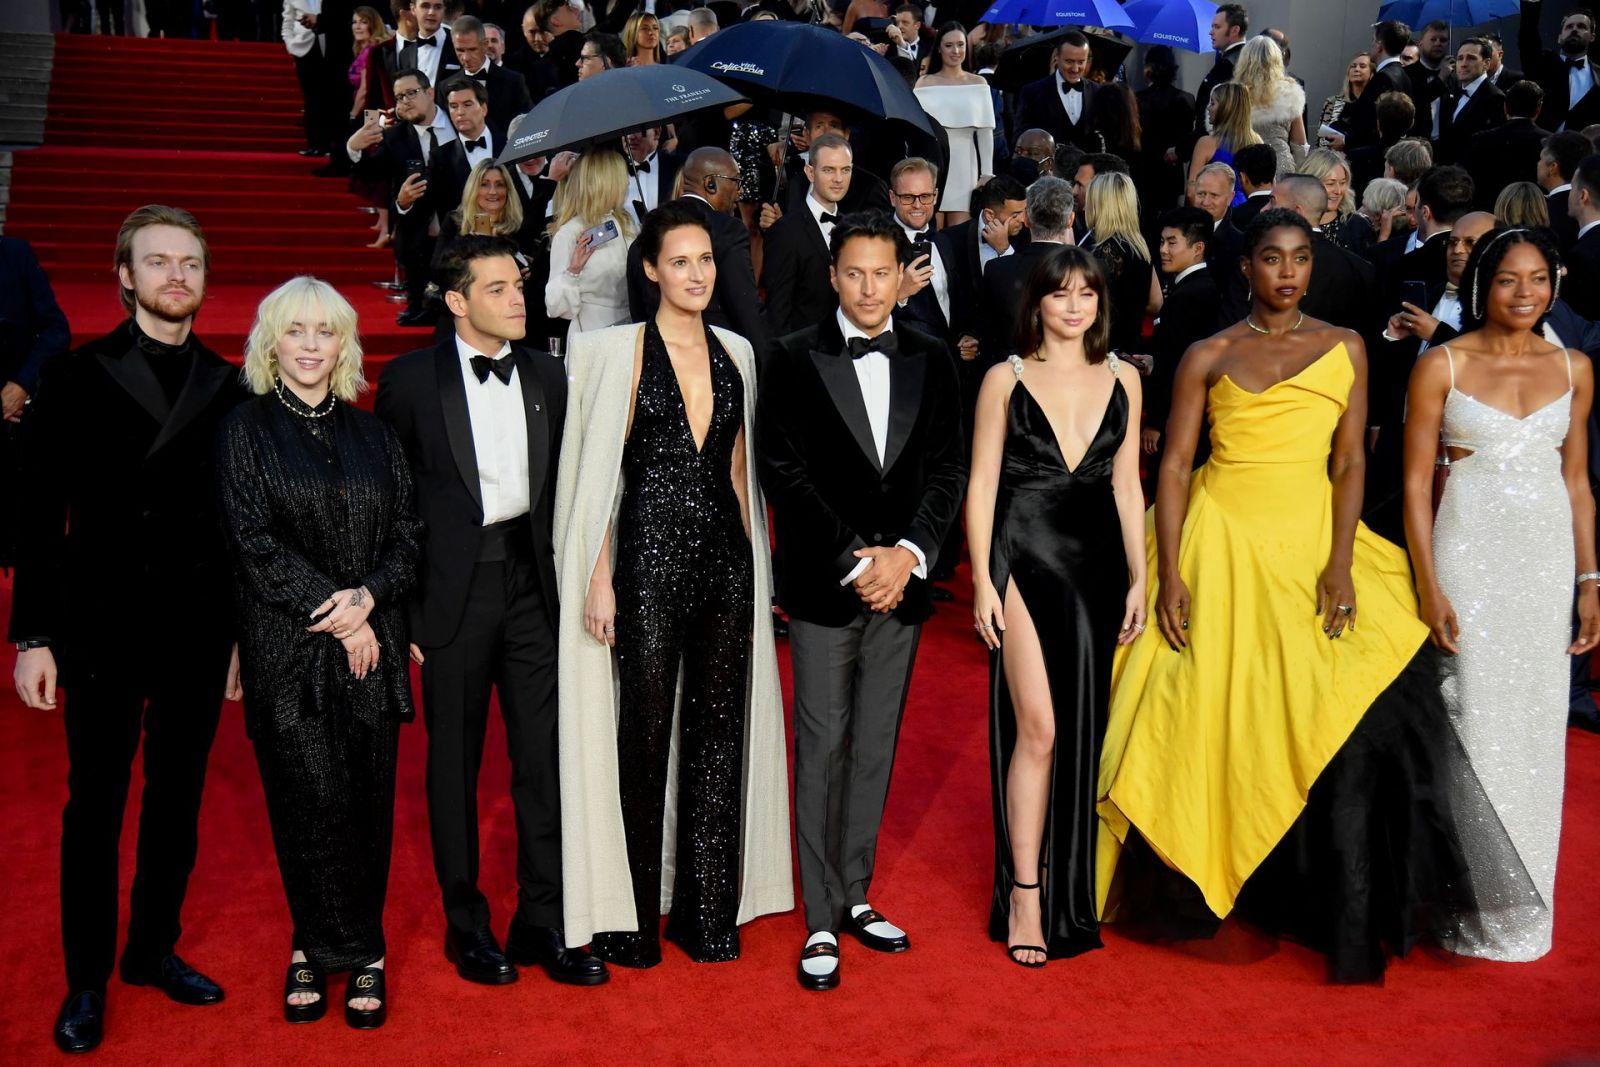 Đoàn phim No Time To Die trên thảm đỏ  ẢNH: REUTERS